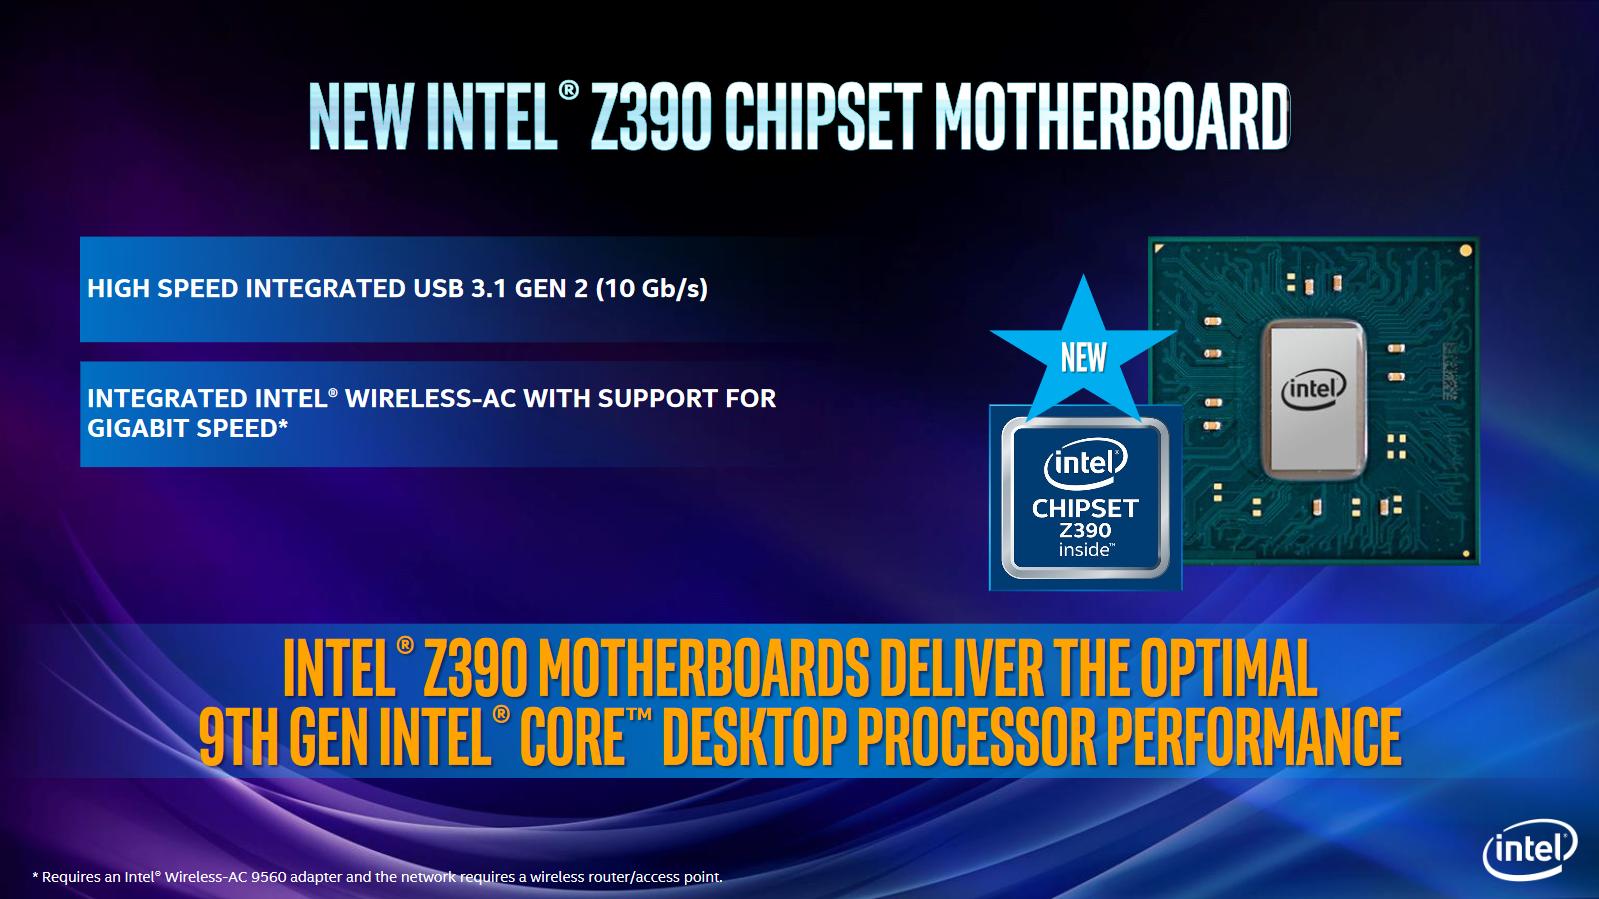 Core i9-9900K im Test: Acht verlötete 5-GHz-Kerne sind extrem -